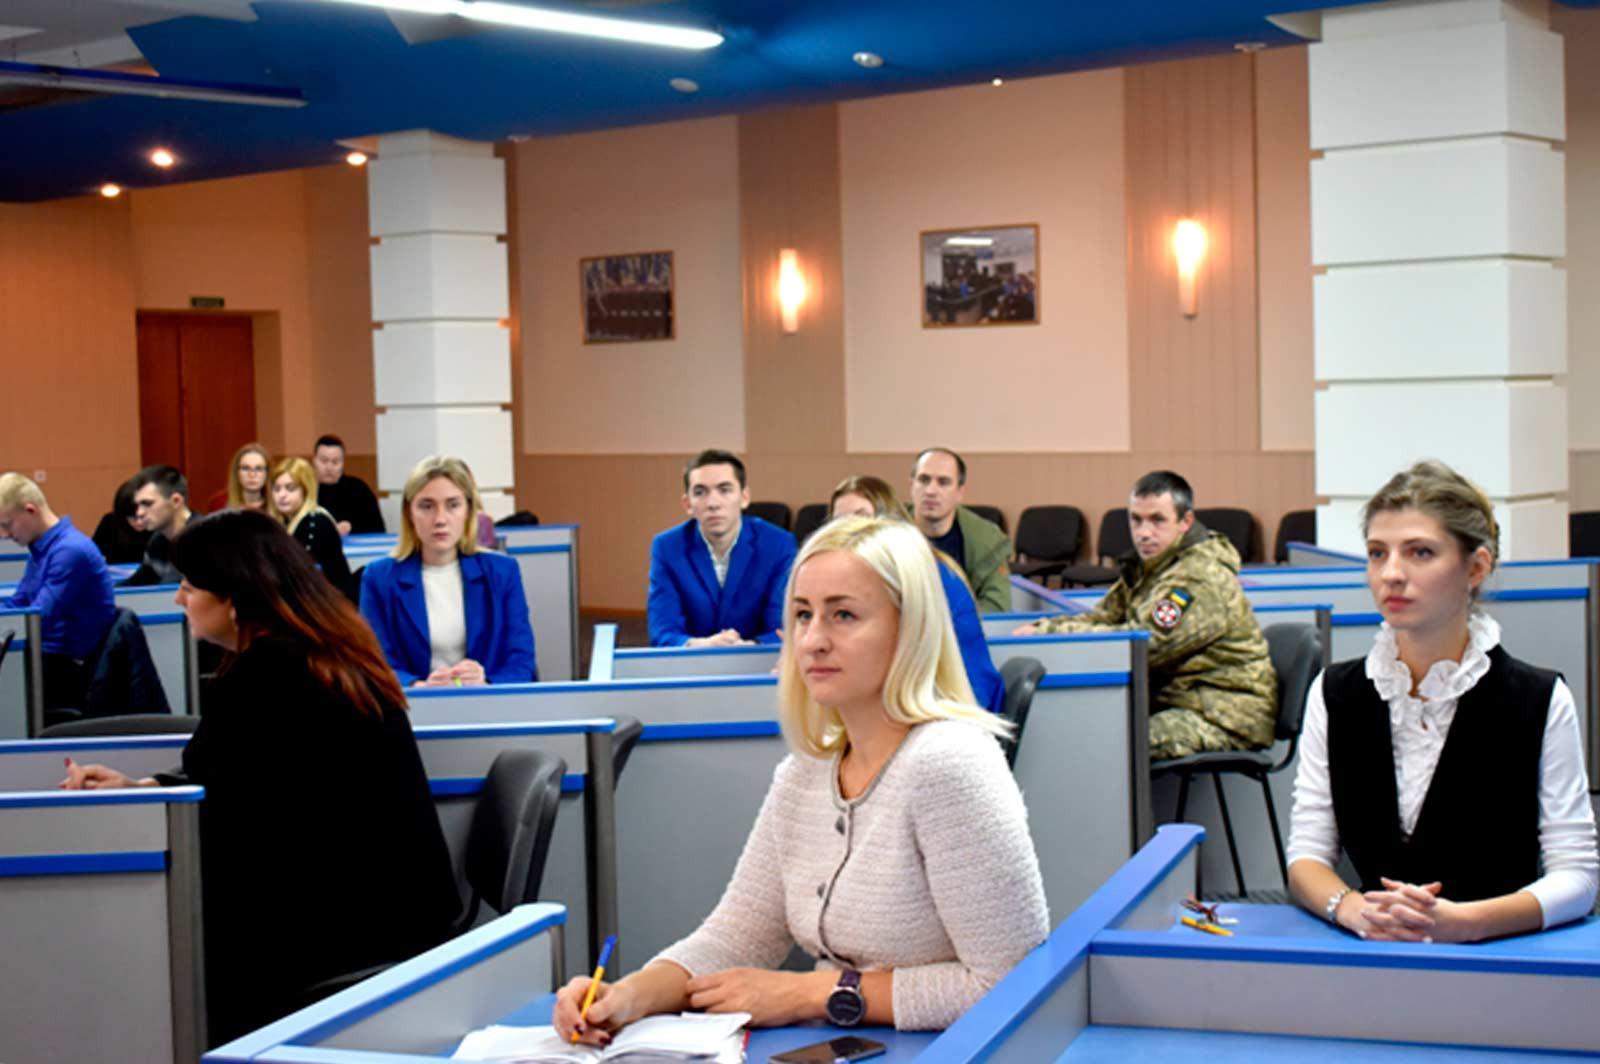 Представники нотаріату, викладачі, студенти та курсанти навчального закладу